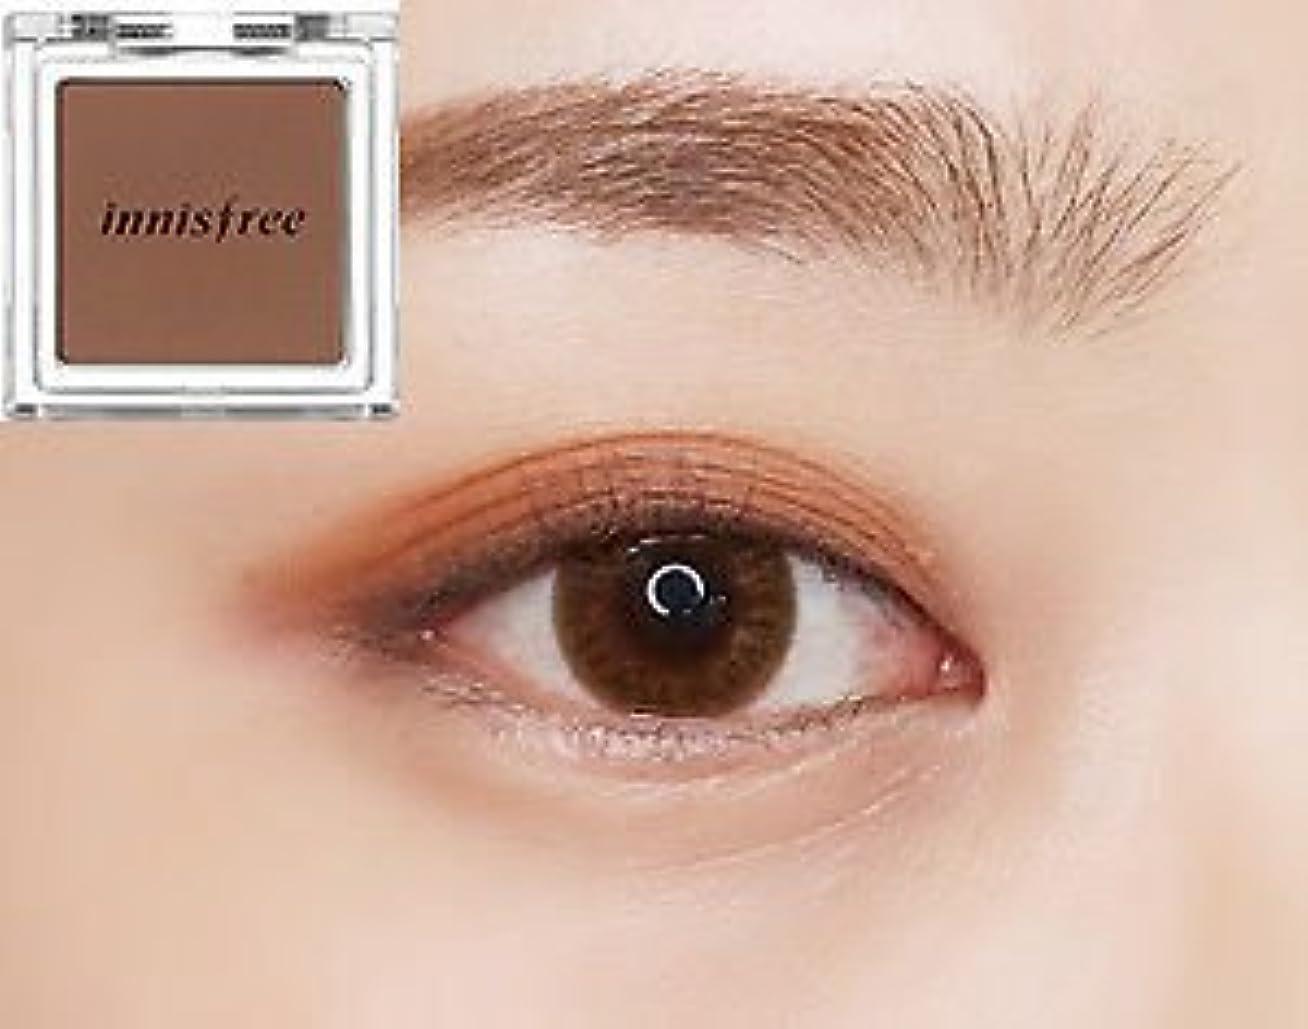 ドラッグ毎週南方の[イニスフリー] innisfree [マイ パレット マイ アイシャドウ (マット) 40カラー] MY PALETTE My Eyeshadow (Matte) 40 Shades [海外直送品] (マット #20)